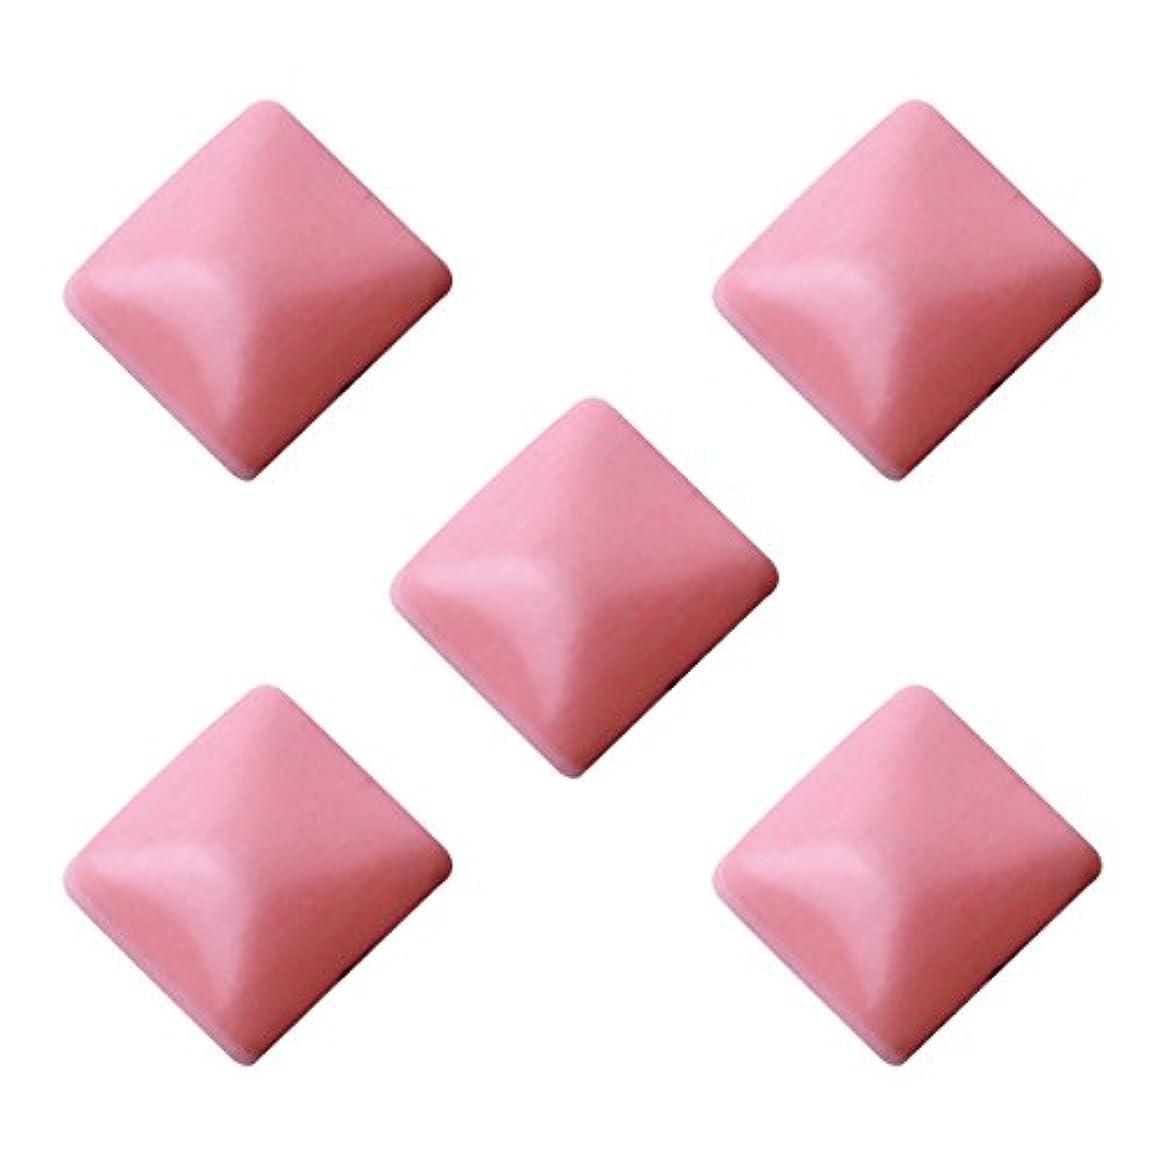 事業内容期待する減るパステルスタッズ スクエア 3×3mm (100個入り) ピンク